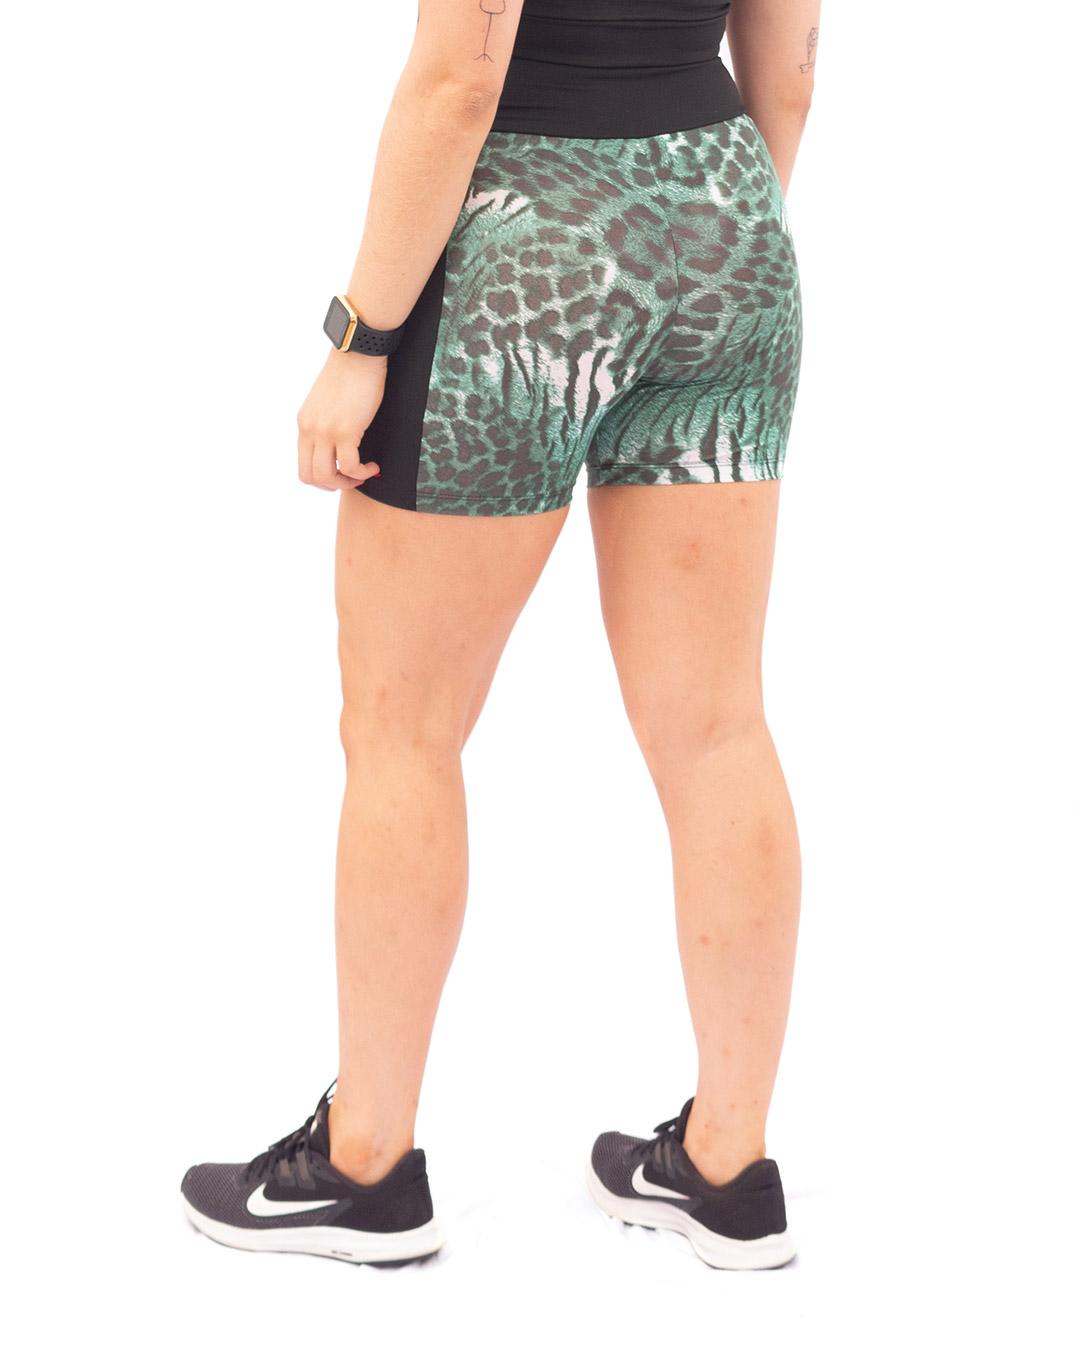 Shorts Fitness Preto Com Estampa de Onça Verde -  Movimente-se